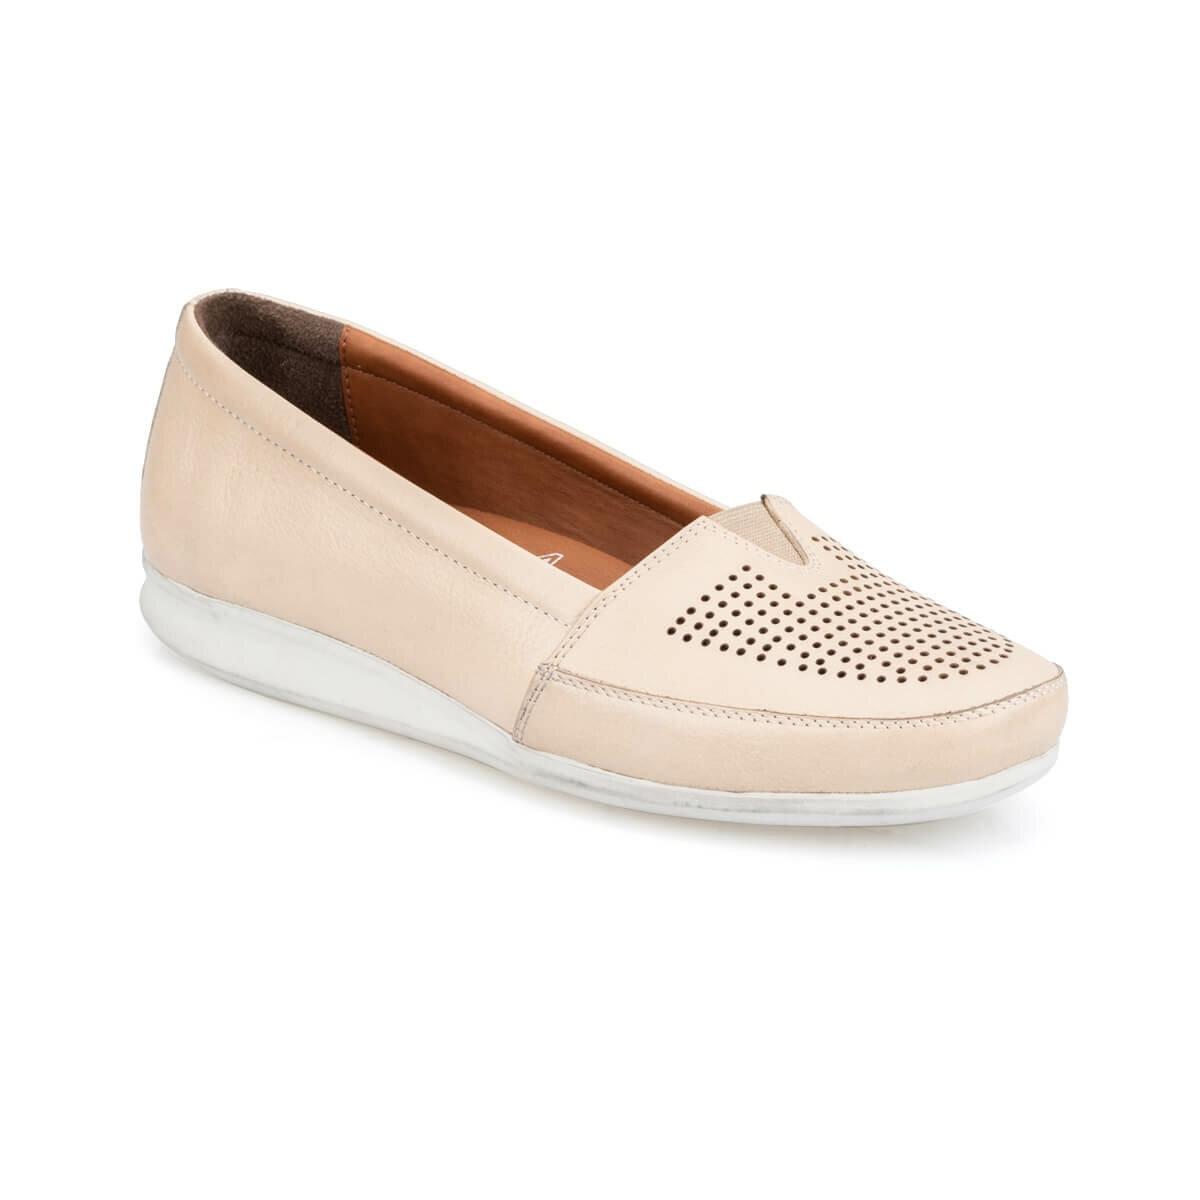 FLO 91. 100690.Z Beige Women 'S Shoes Polaris 5 Point